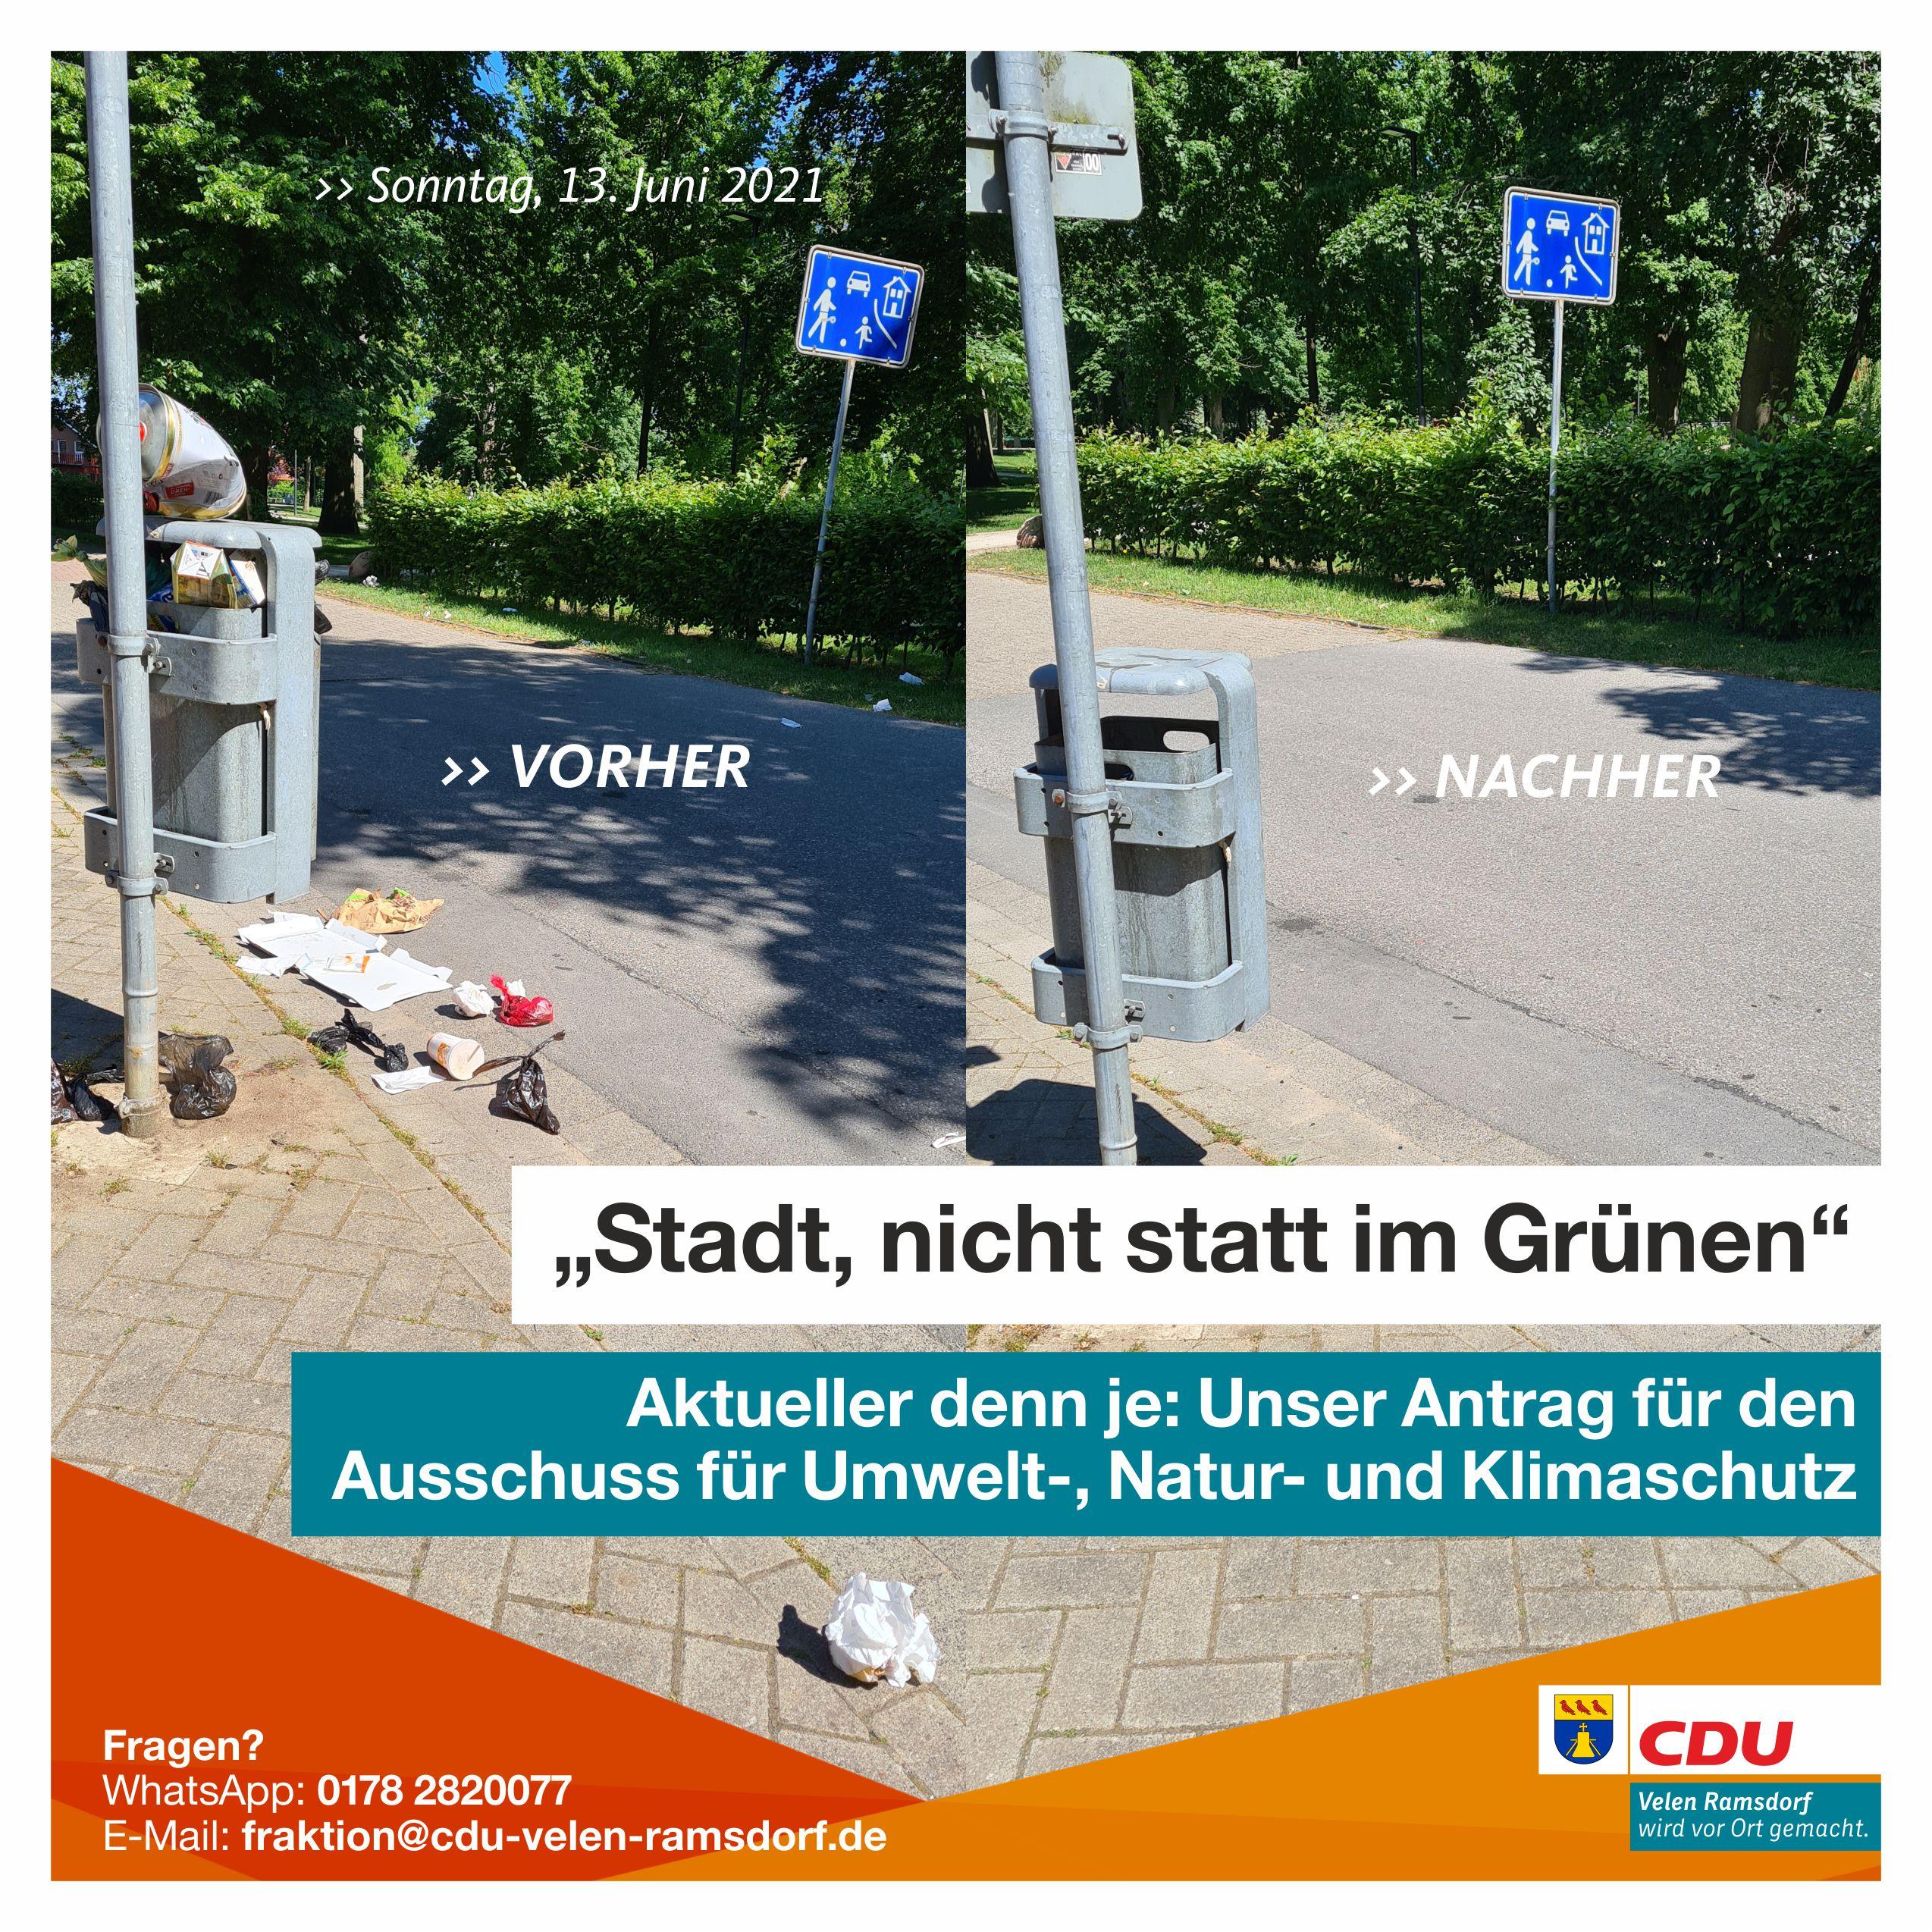 So haben wir leider am Sonntag, 13. Juni 2021 den öffentlichen Mülleimer an der Krummen Mauer vorgefunden. Kein schöner Anblick - deswegen hat die CDU die Handschuhe und den Müllbeutel ausgepackt und den Unrat entsorgt.